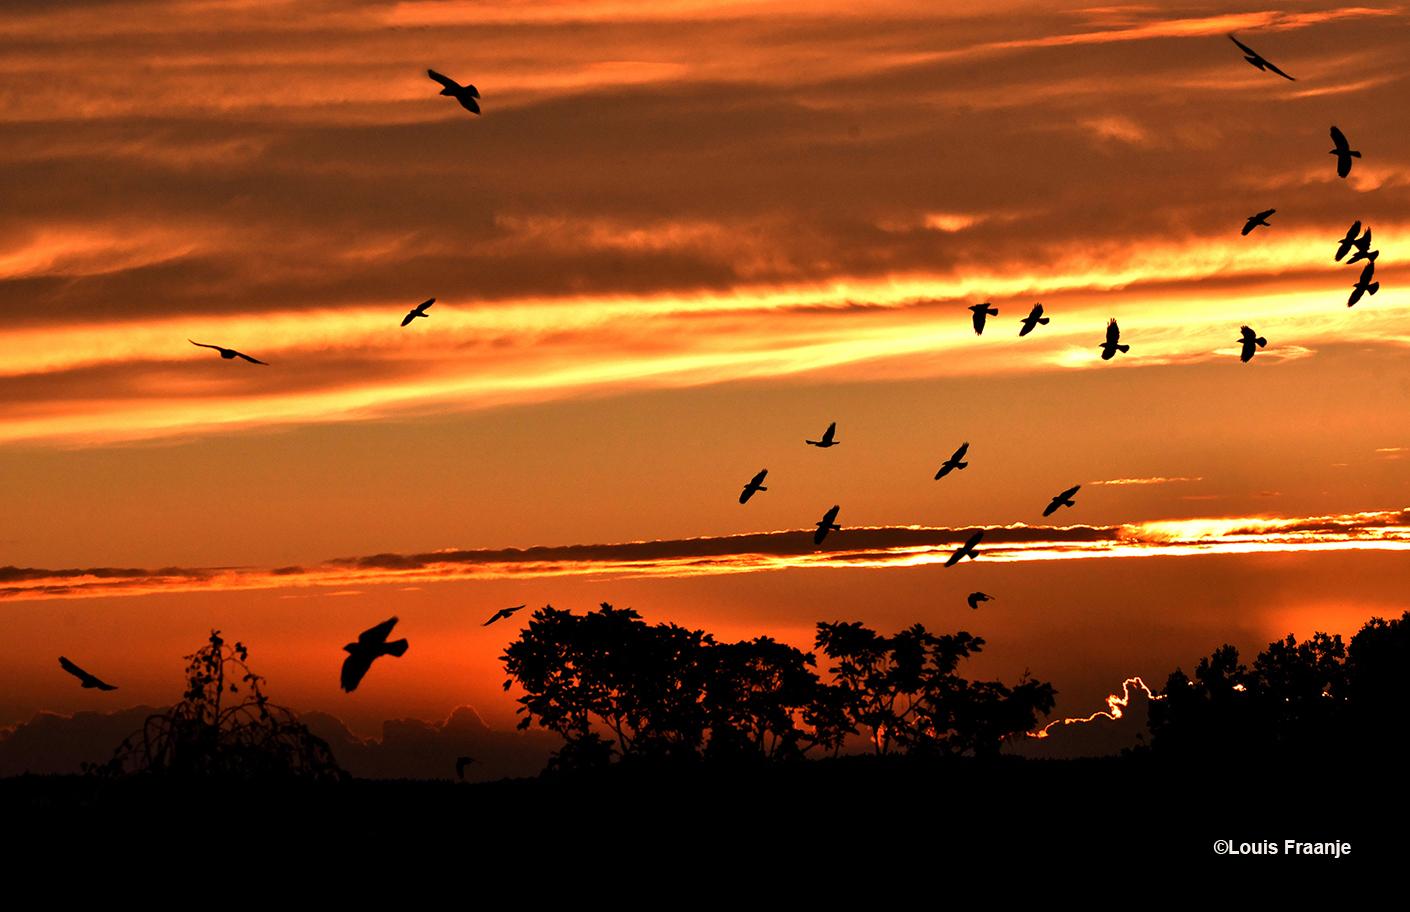 Zonsondergang, waarbij er een hele zwerm vogels dwars doorheen kwam vliegen - Foto: ©Louis Fraanje